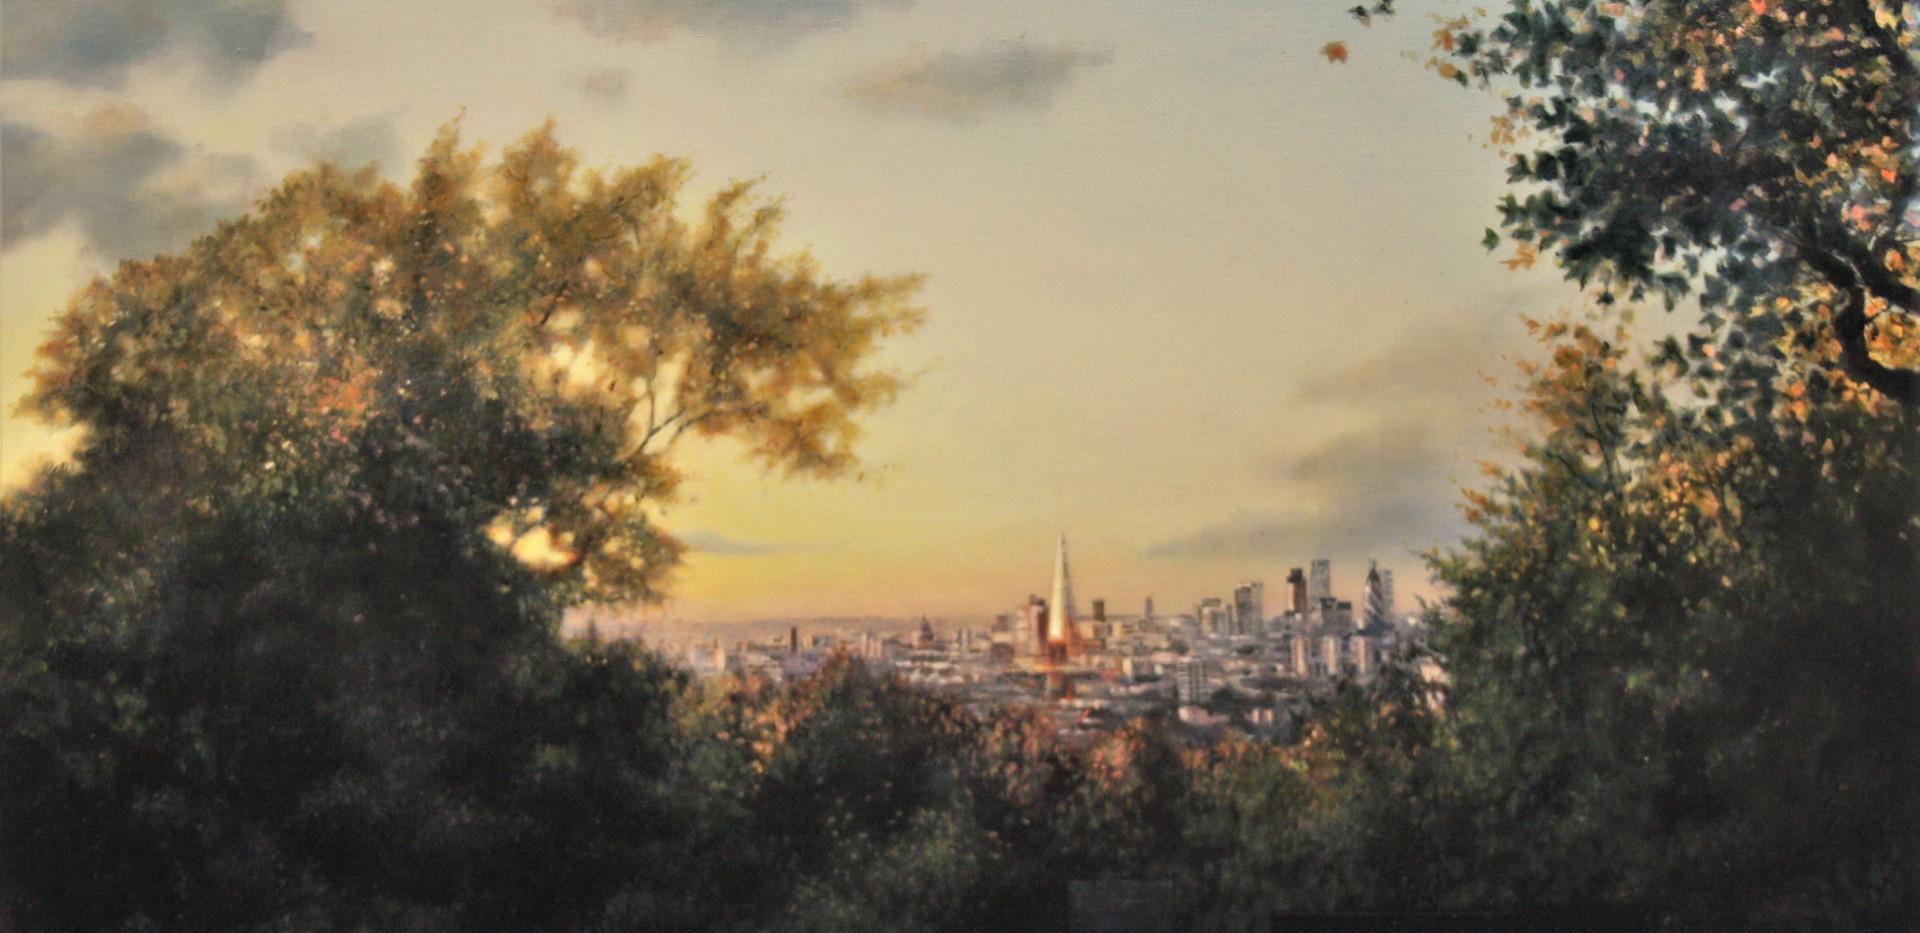 Autumn sun over the city (Honor Oak park)